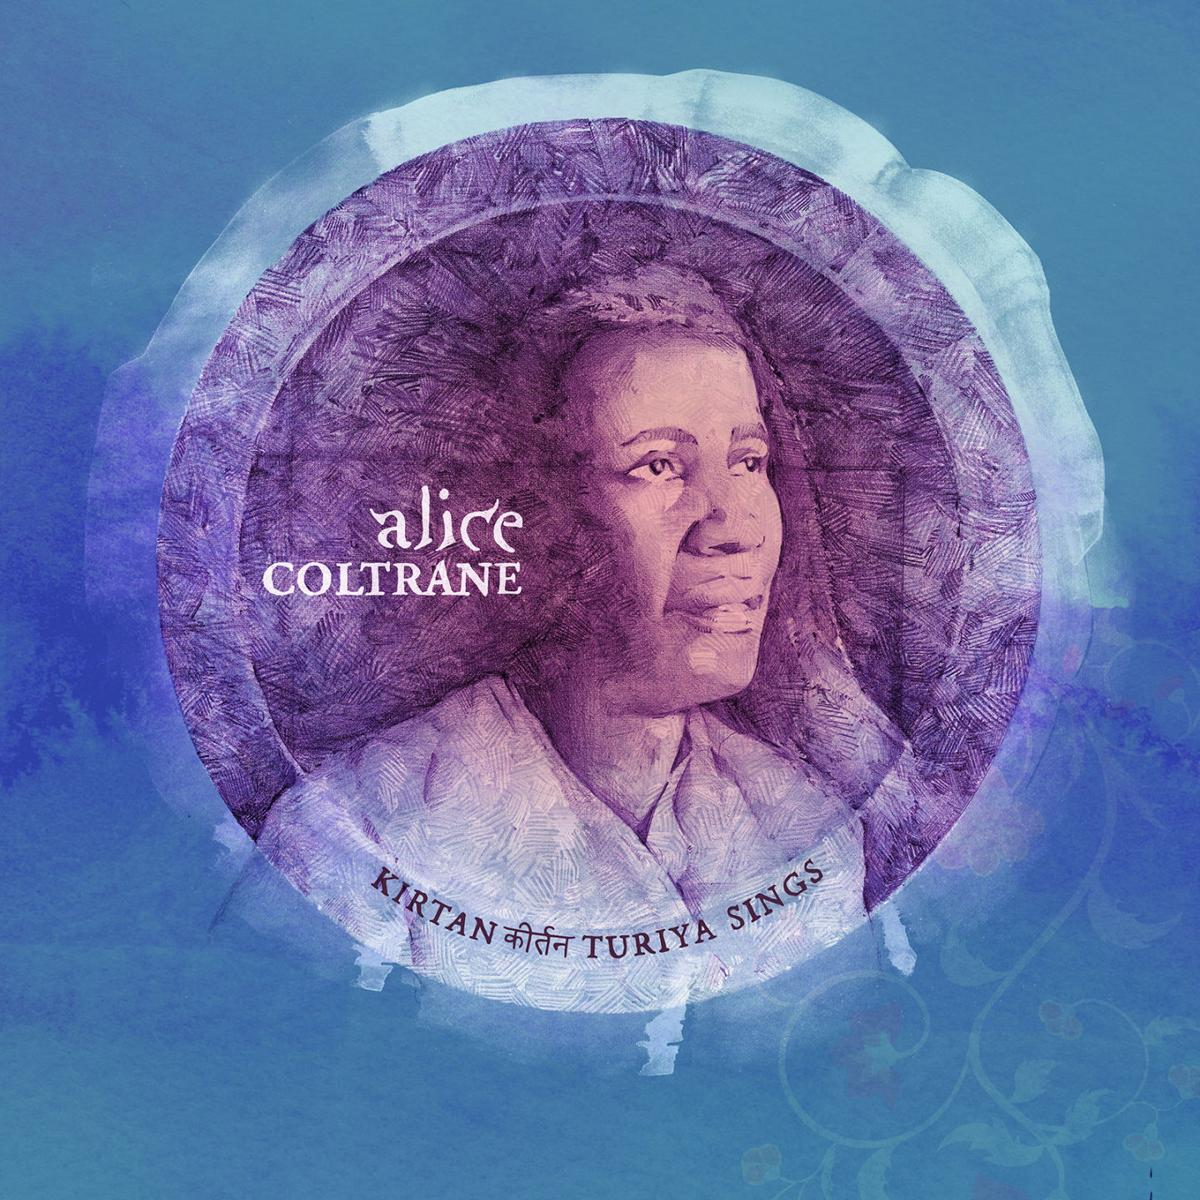 MUSIC-COLTRANE